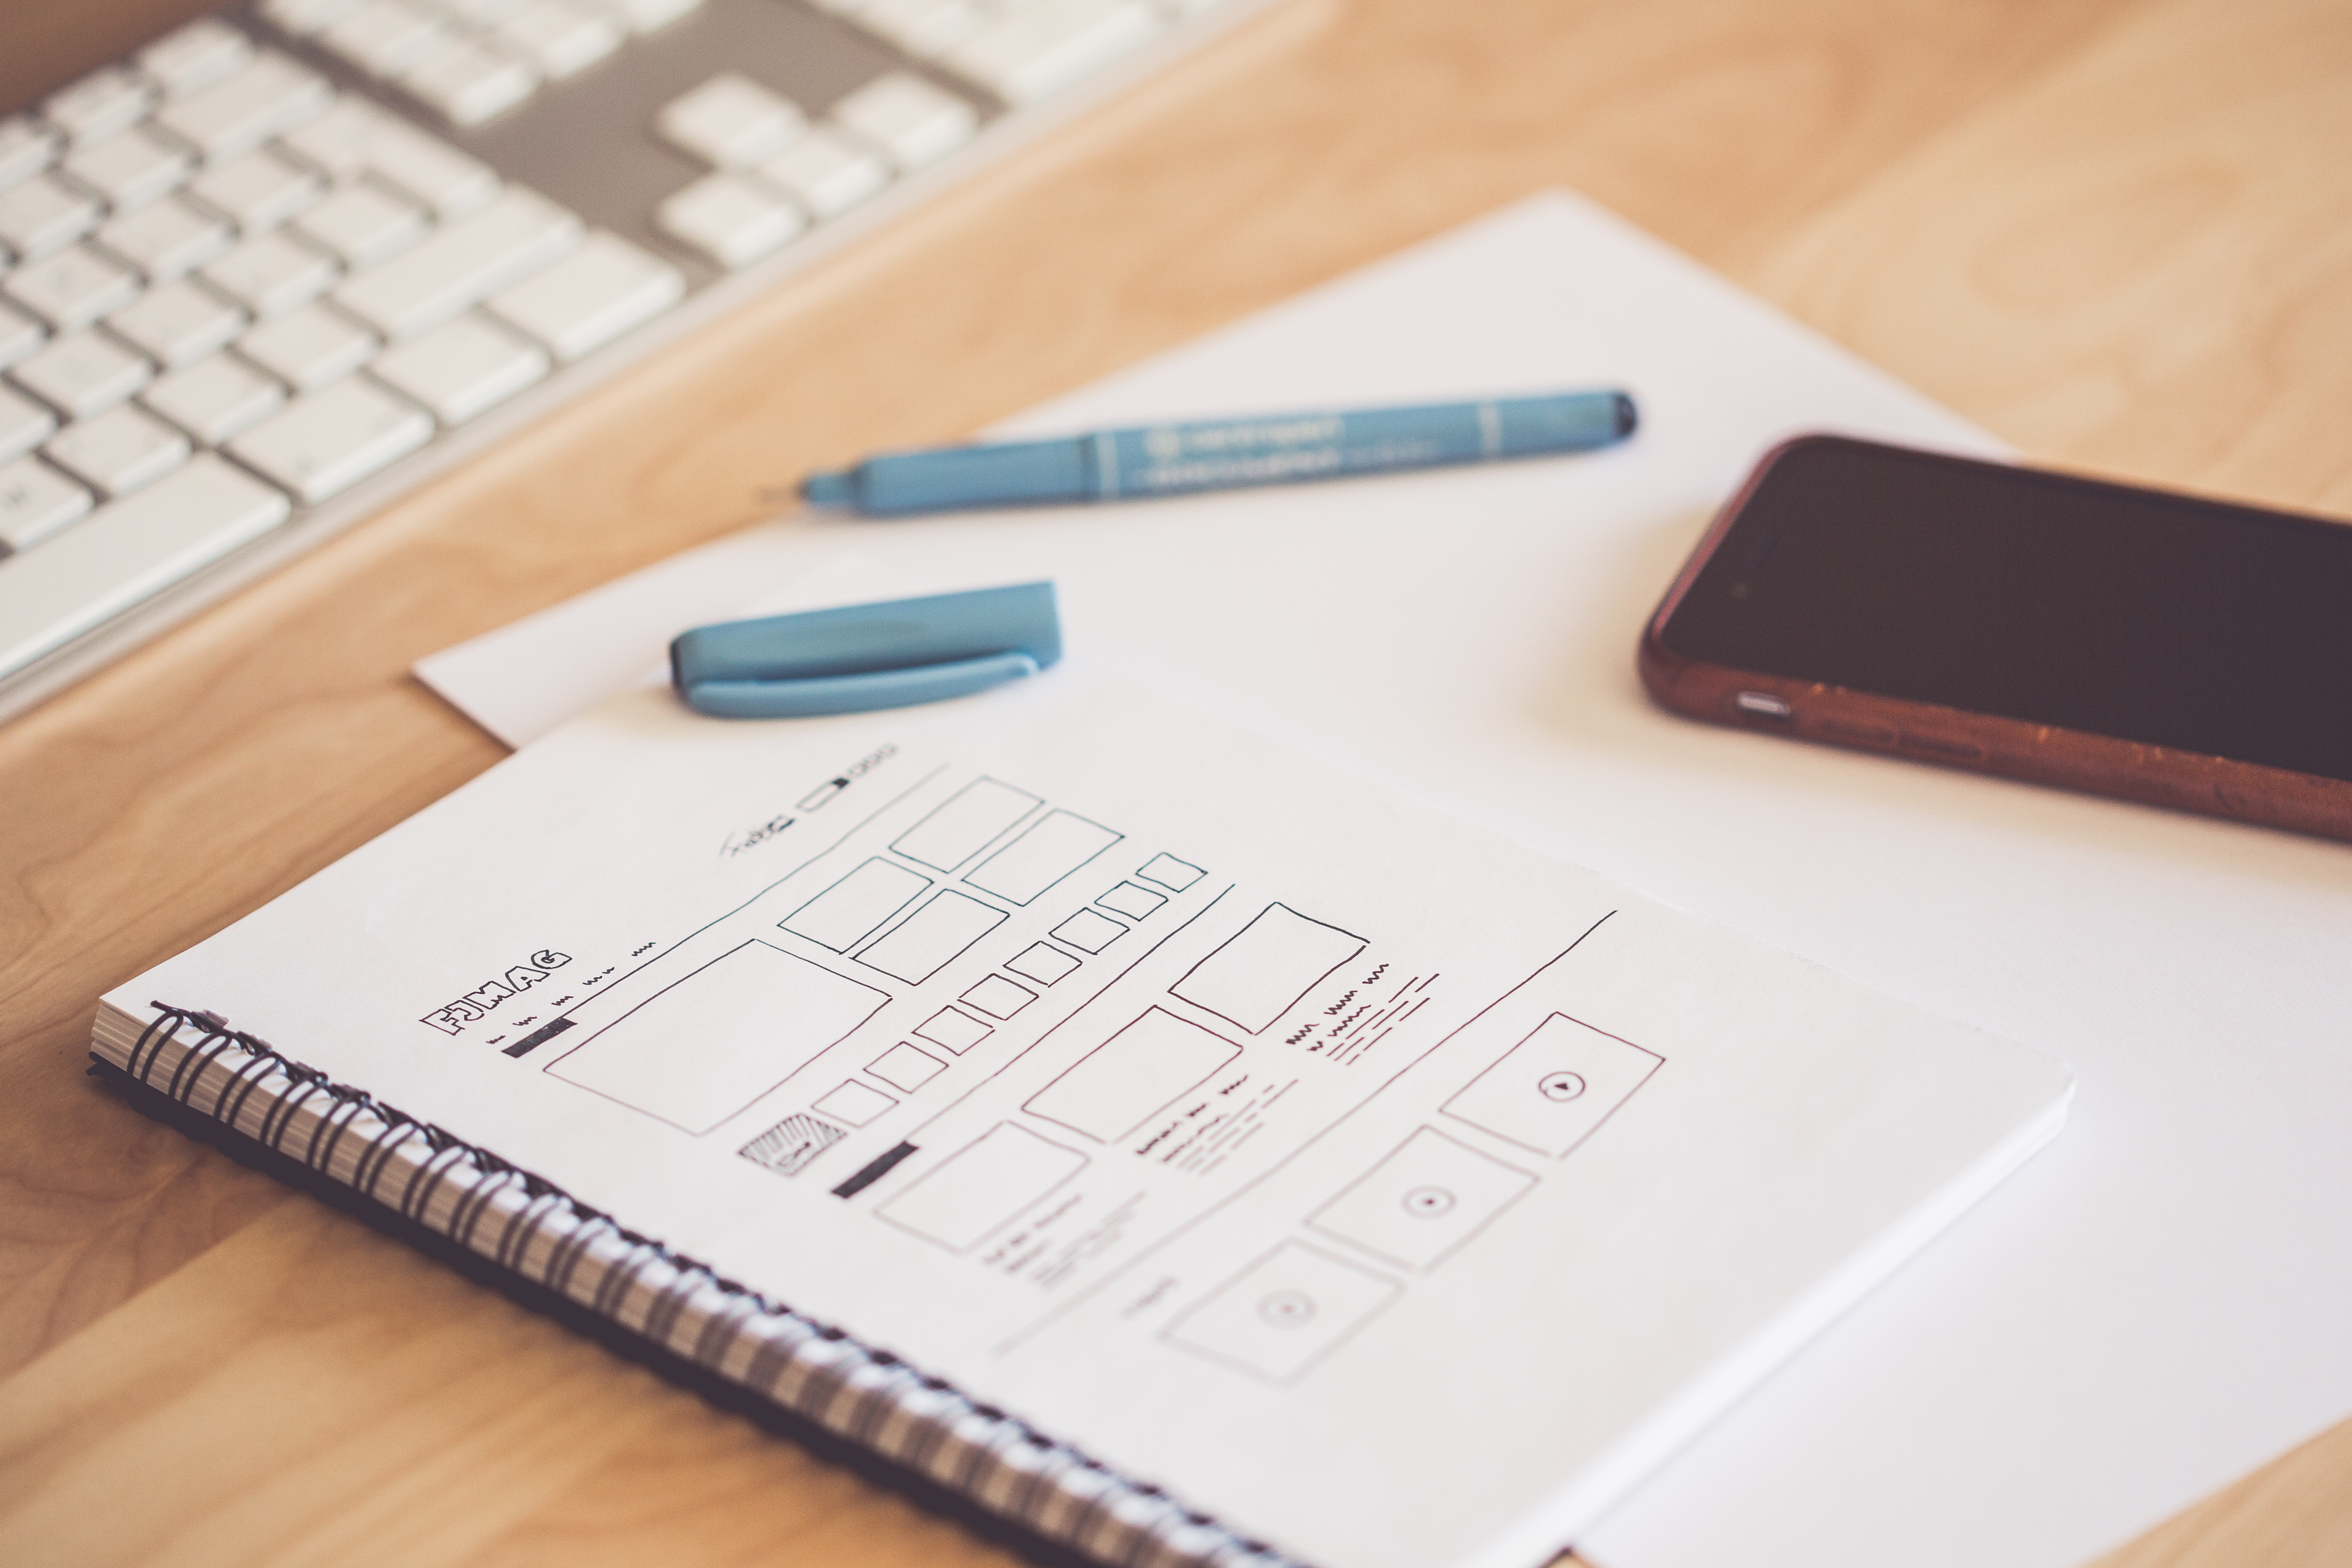 Maquette de site web prenant en compte le UX design